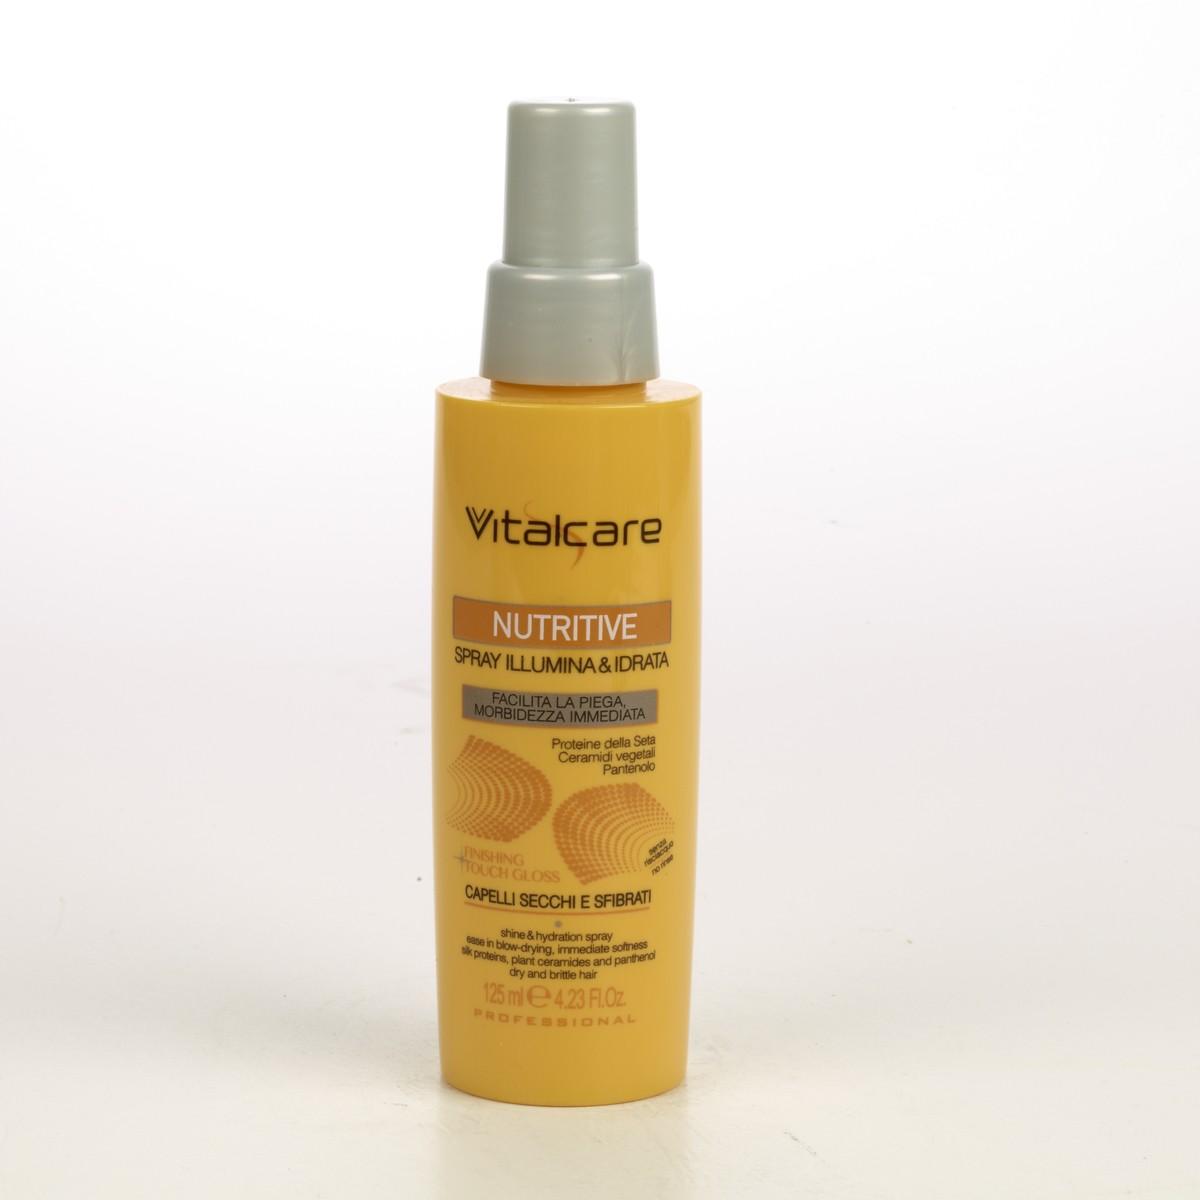 Vitalcare Spray Illumina&Idrata Nutritive